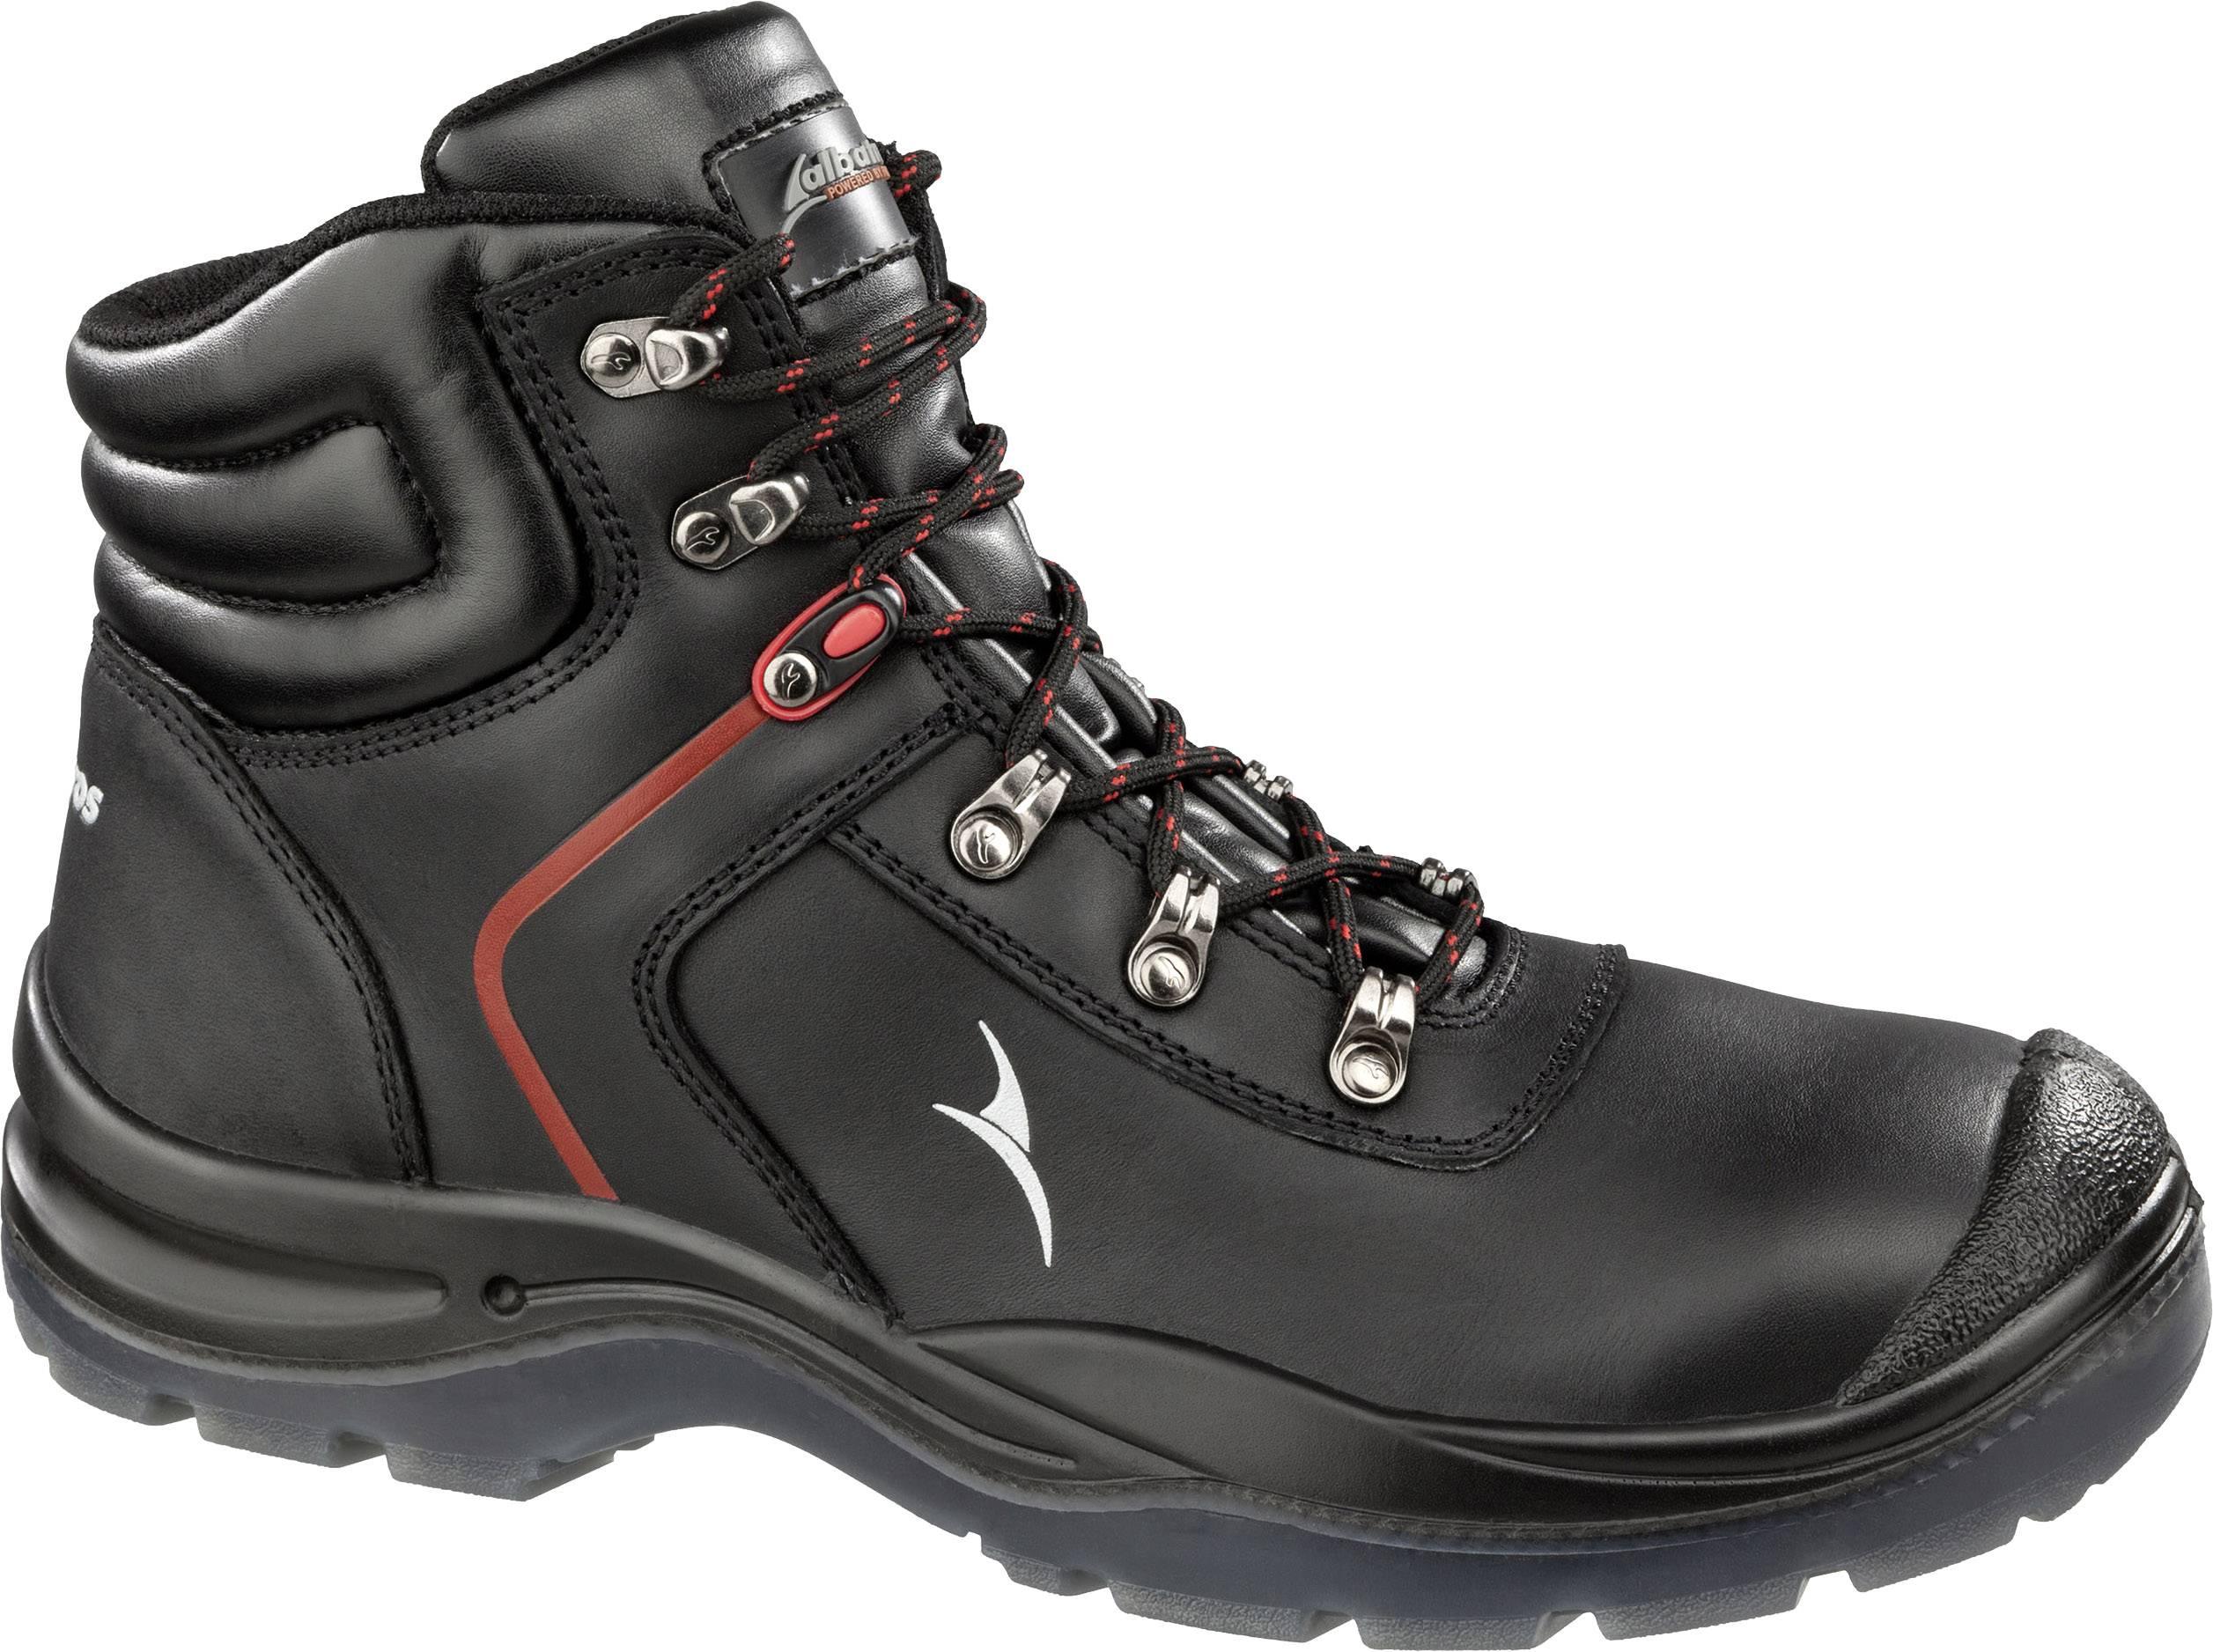 Bezpečnostní pracovní obuv S3 Velikost: 44 Albatros 631080 1 pár